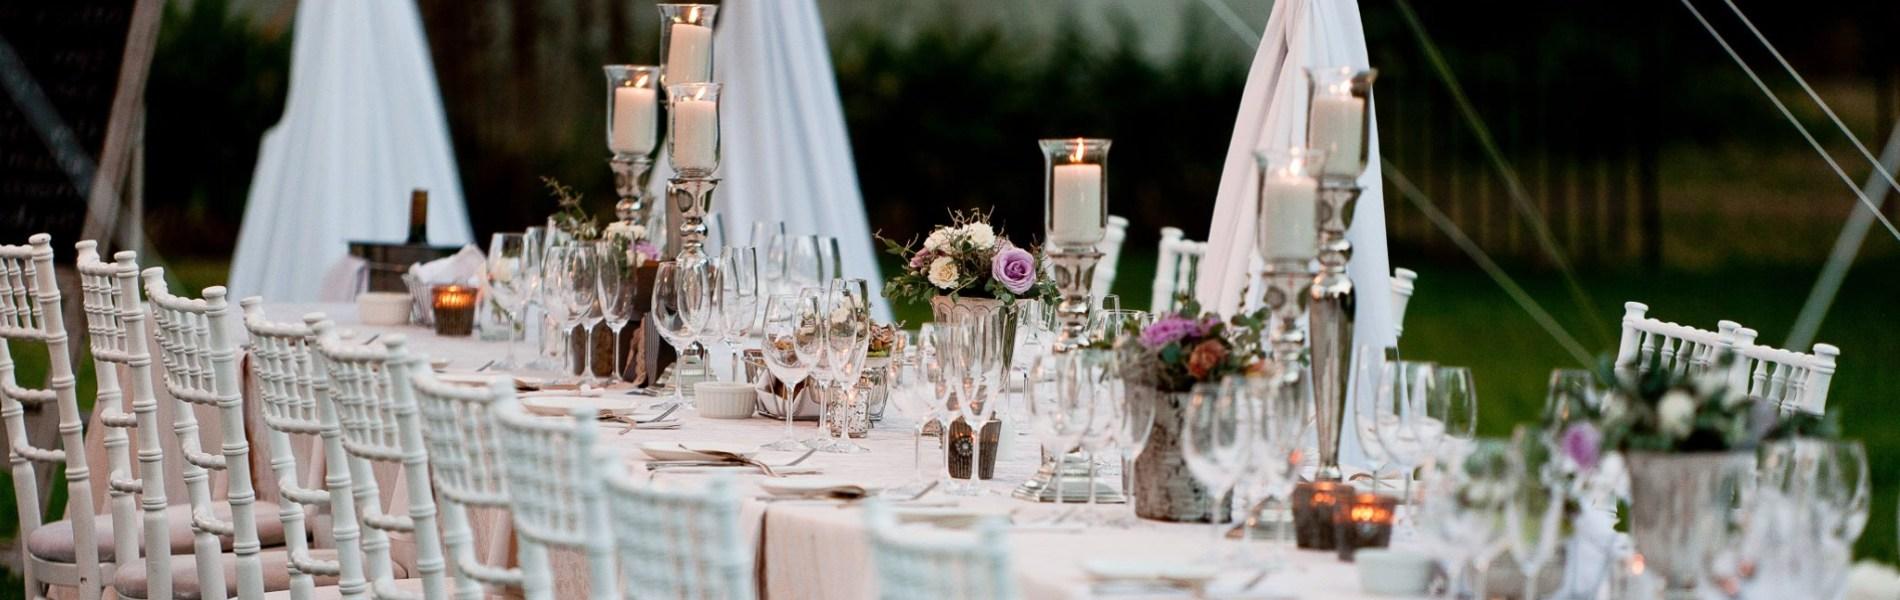 southern virginia wedding venue